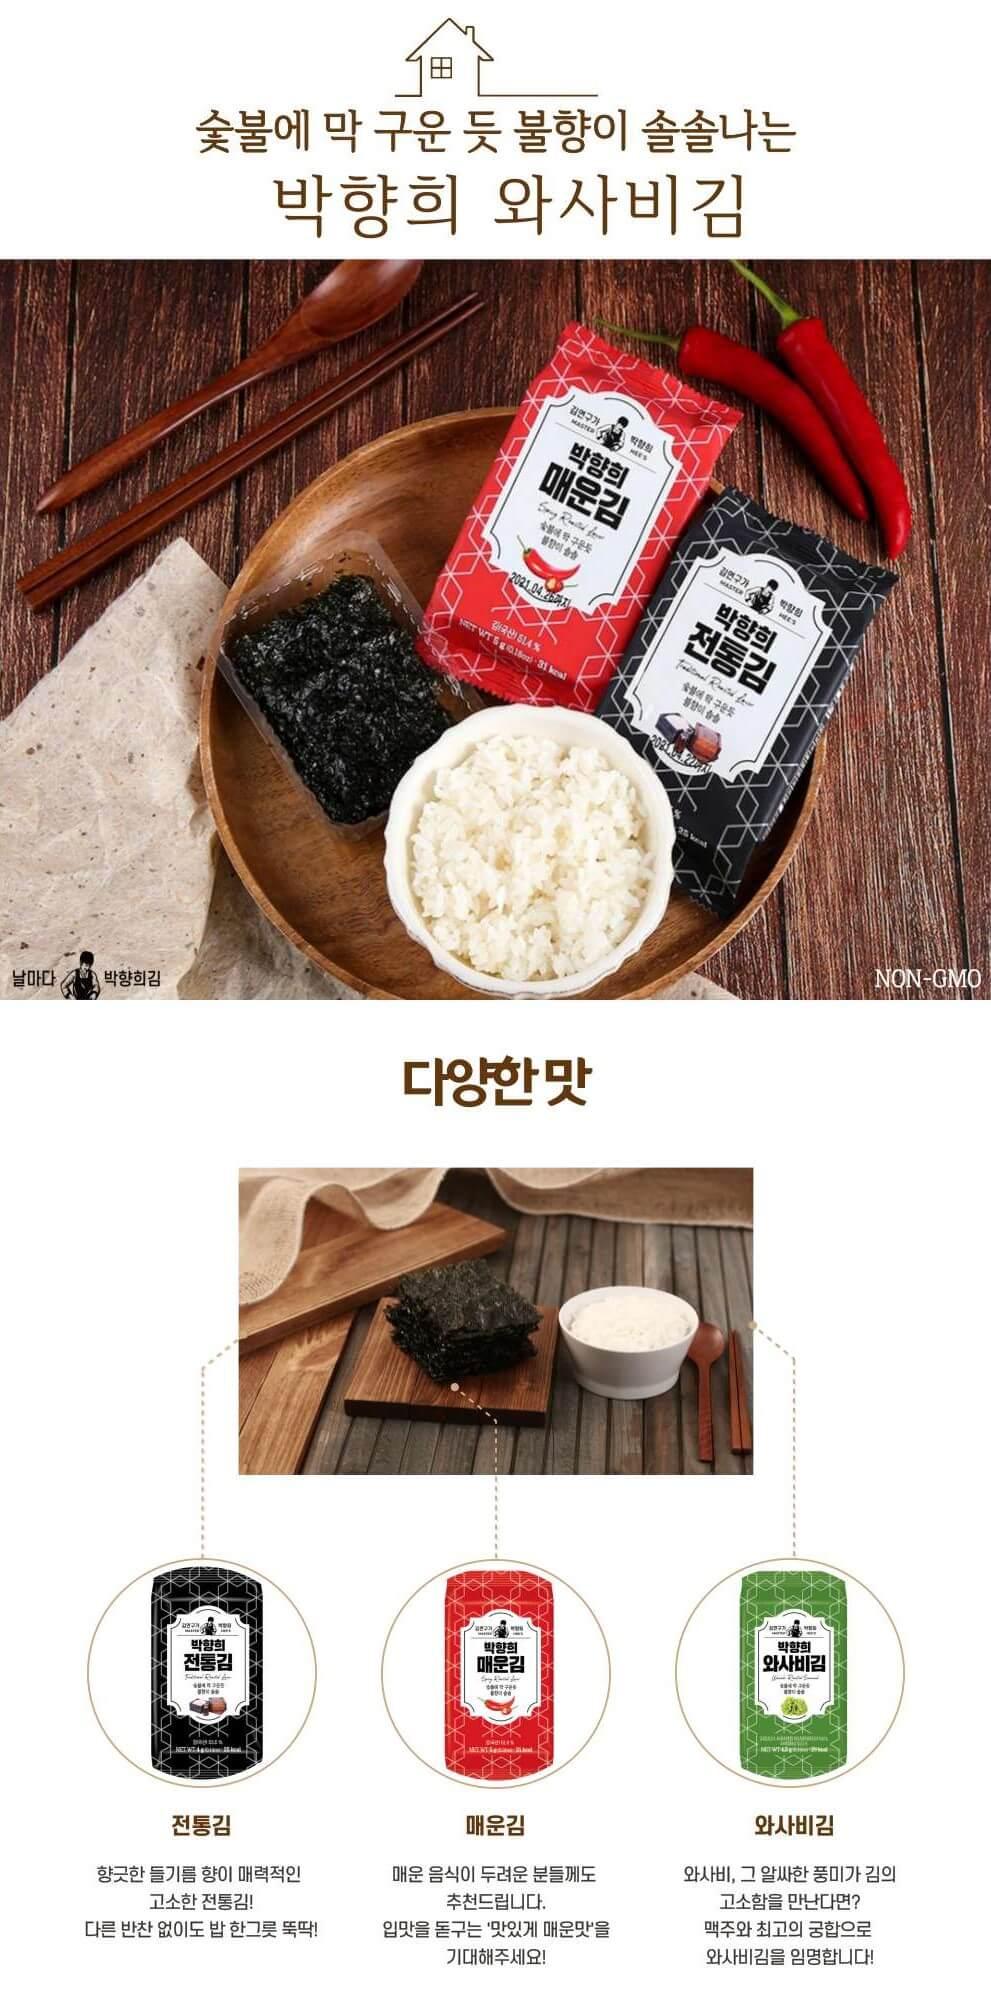 韓國食品-[50%OFF] (Expiry Date: 24/8/2021) [Hanbaek] Seasoned Seaweed Wasabi 4g*3